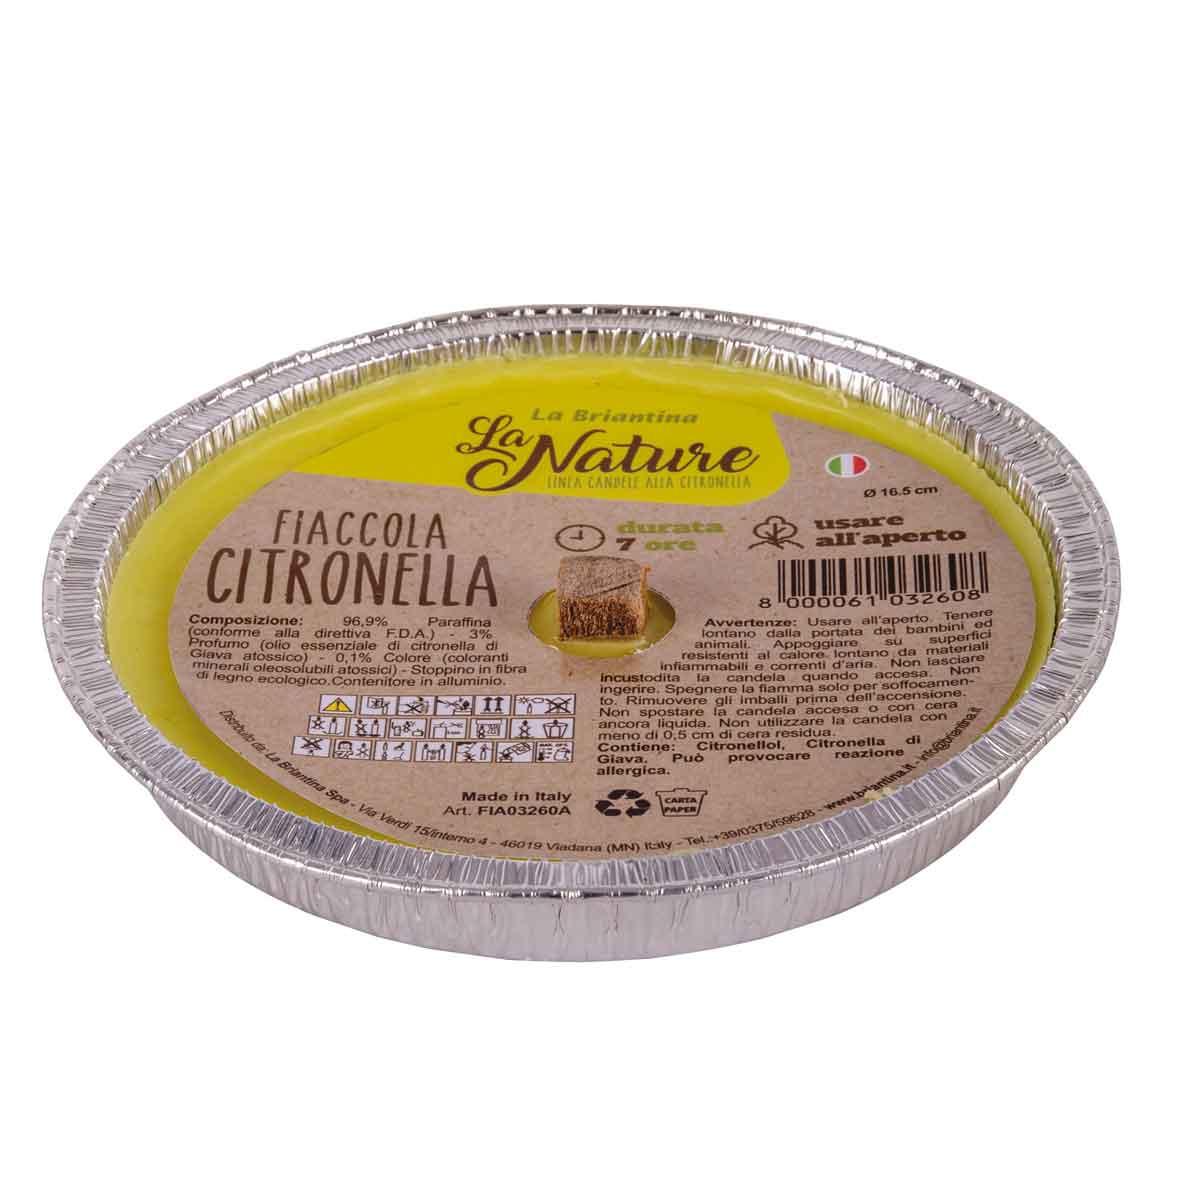 La Briantina – Fiaccola alla citronella in alluminio diametro 16,5cm